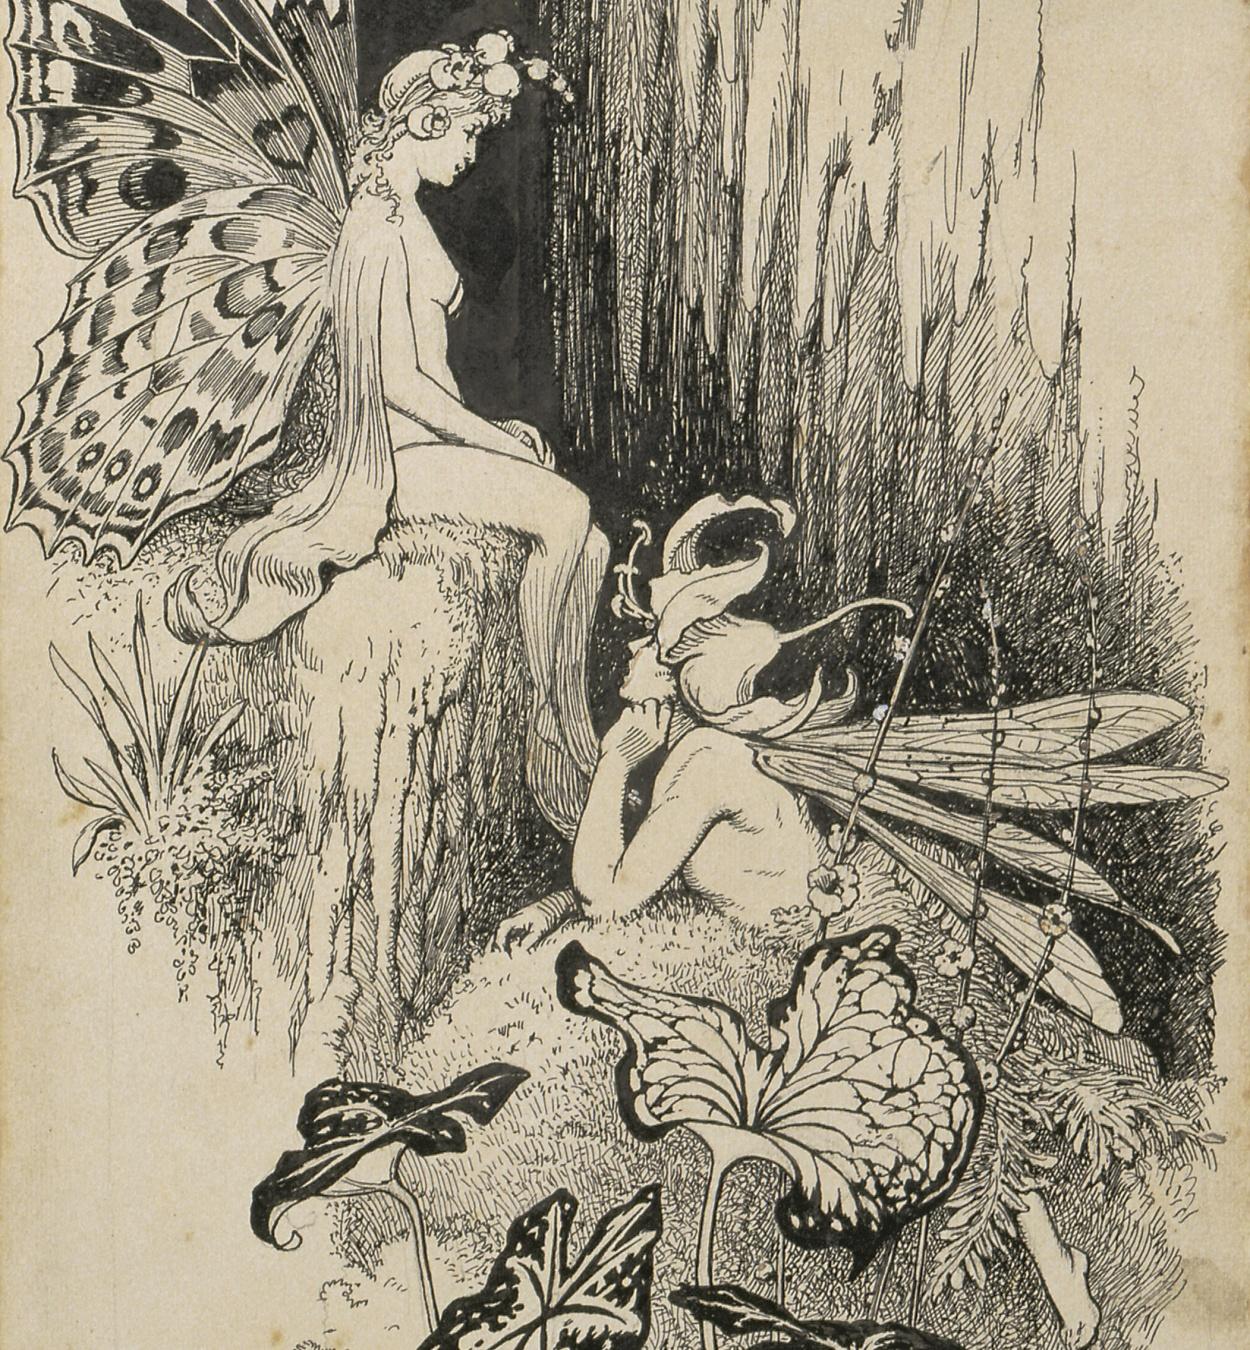 Apel·les Mestres - Liliana and Flor de Lli. Illustration for Apel·les Mestres's poem 'Liliana' - 1905